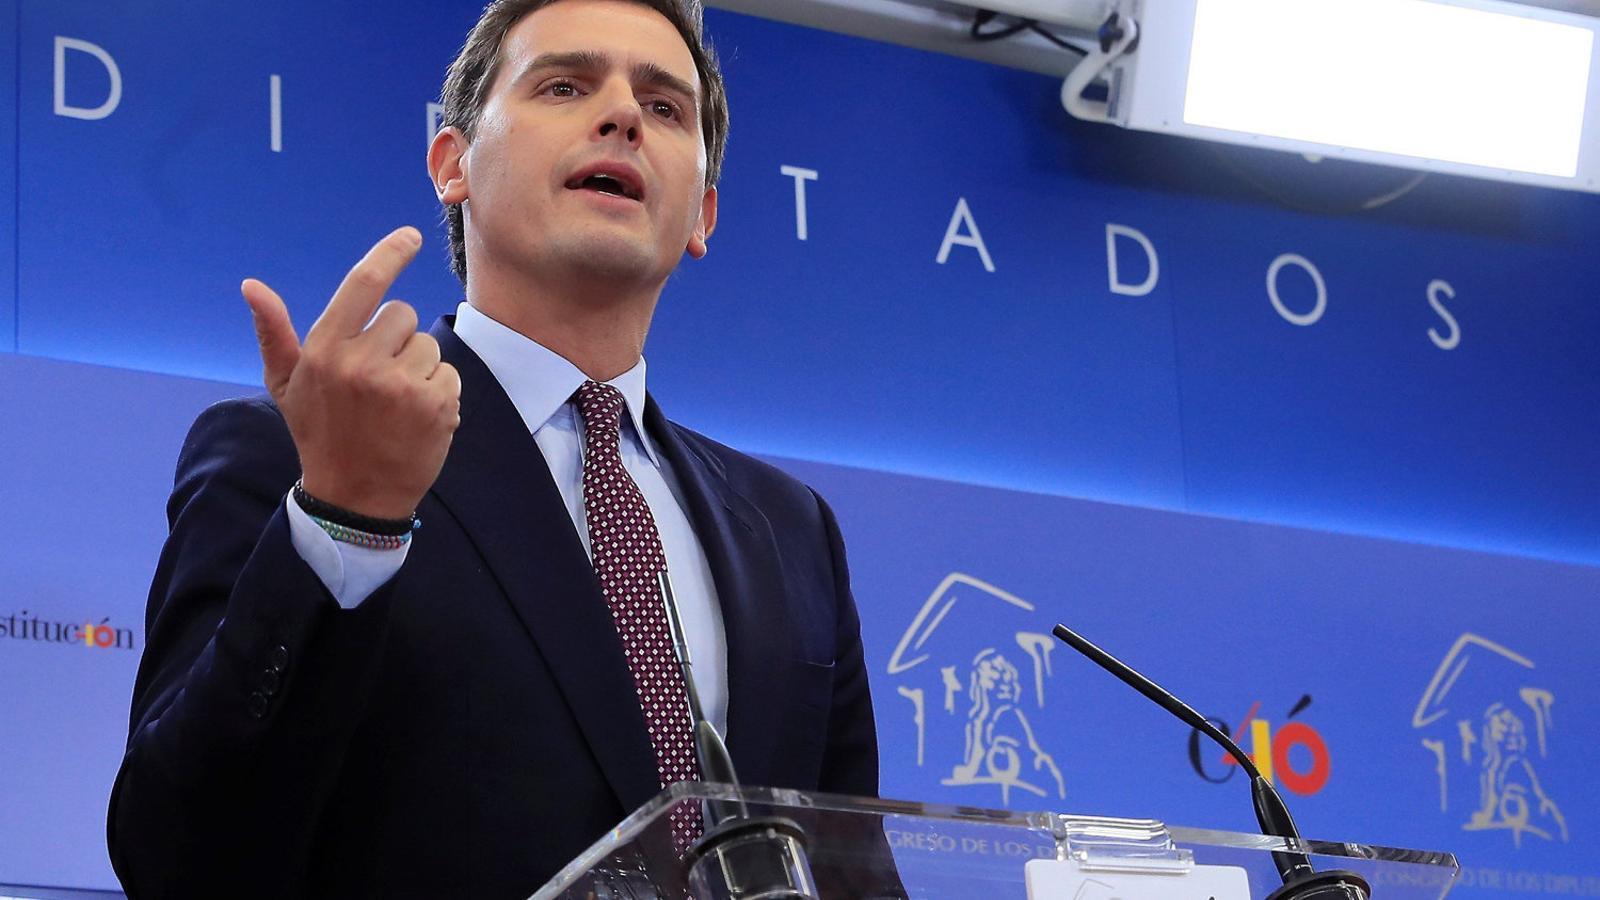 El president de Ciutadans, Albert Rivera, ahir en roda de premsa al Congrés de Diputats.